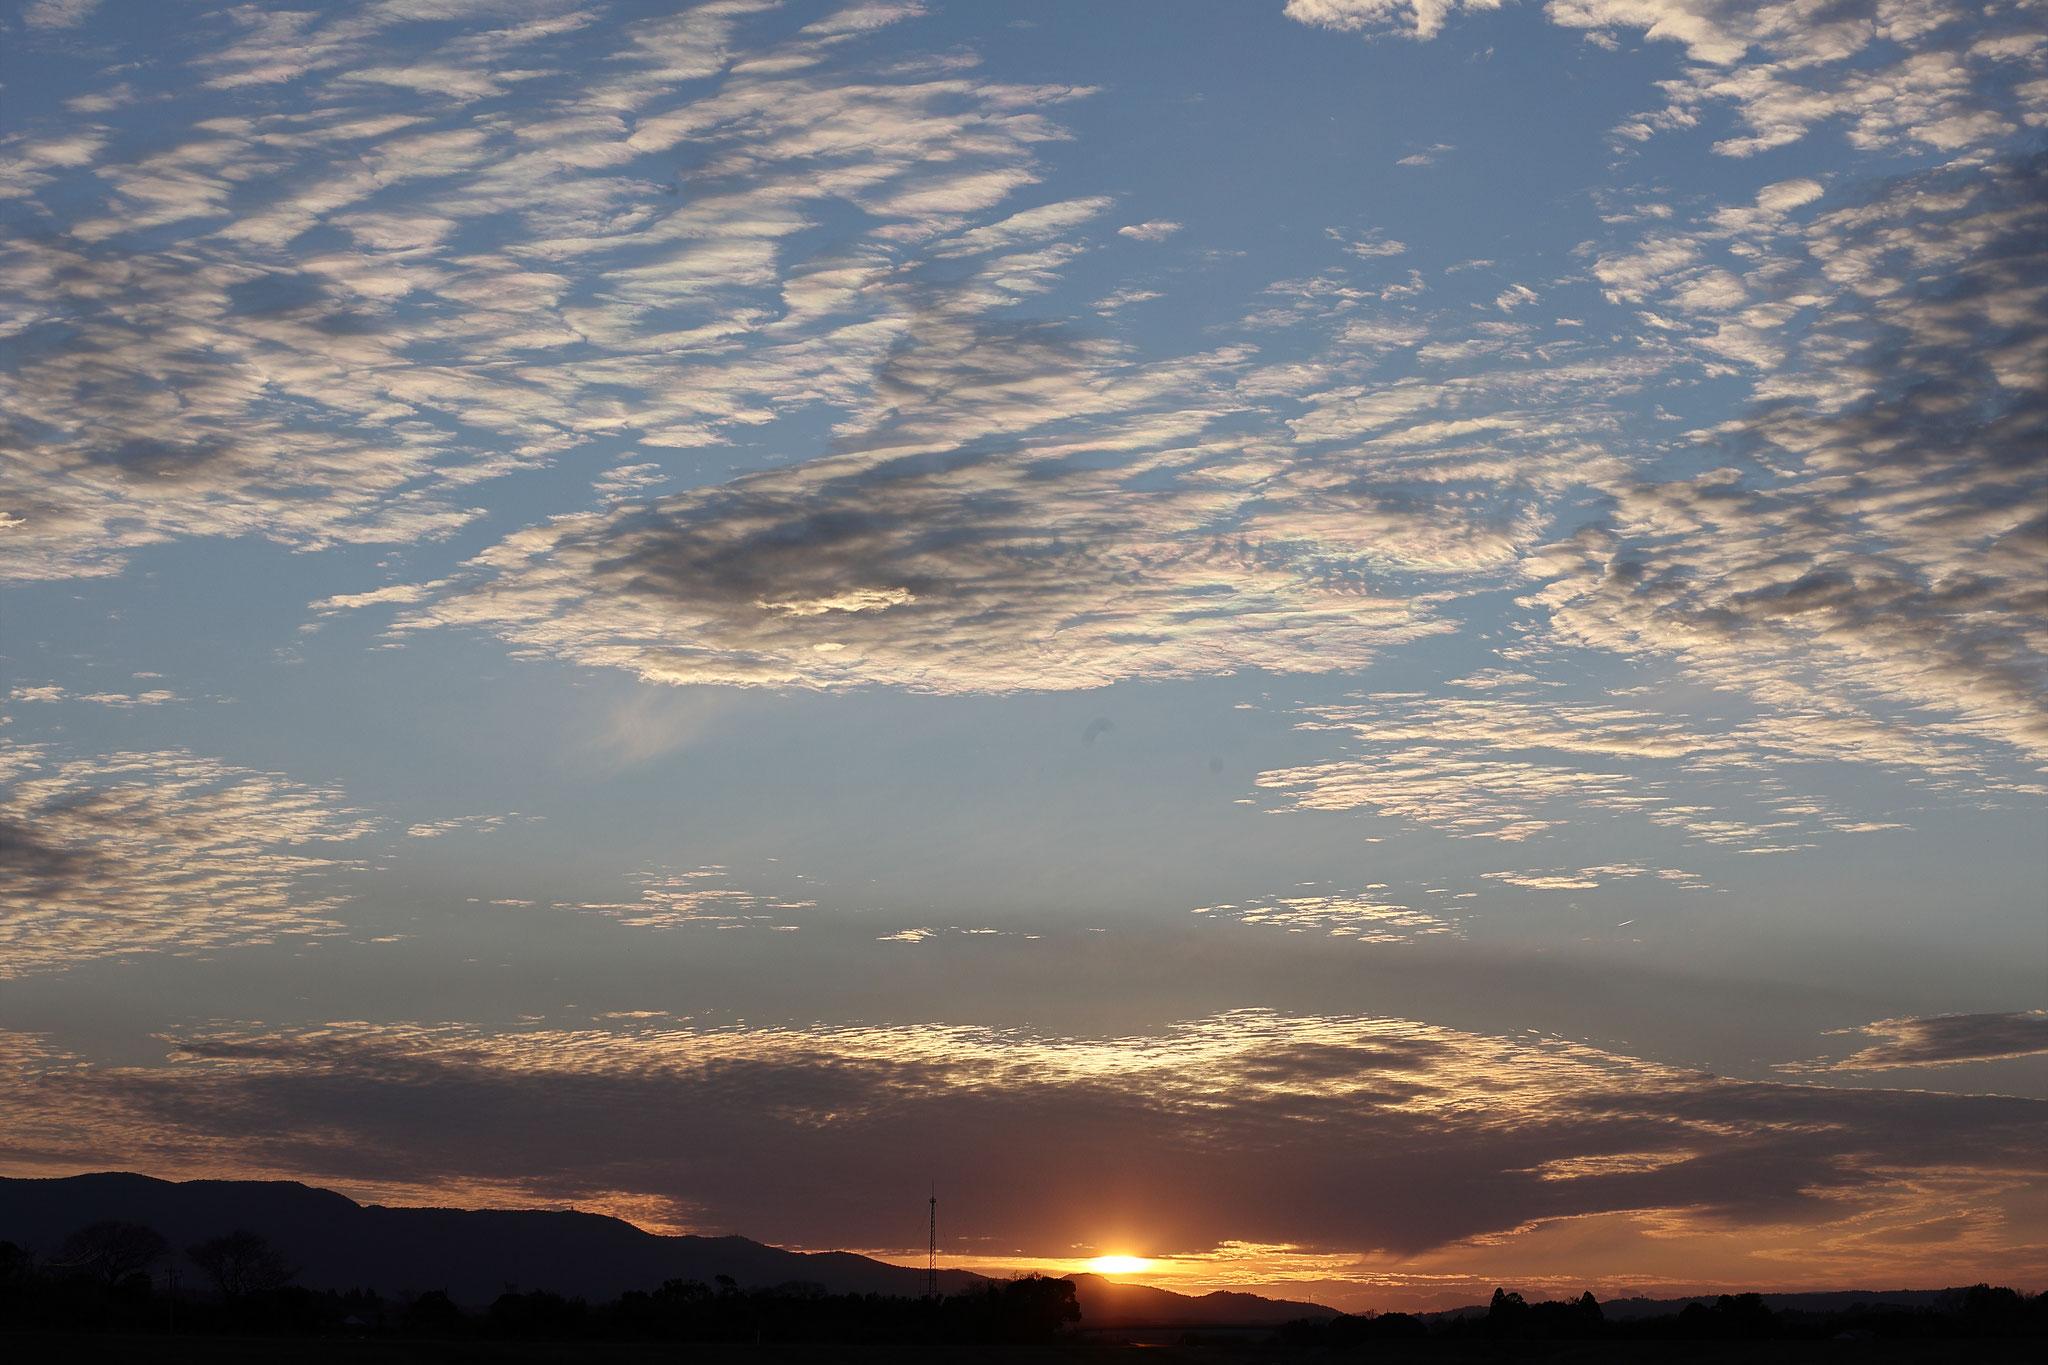 夕空の雲が薄っすら彩雲に(2/8 肝付町)